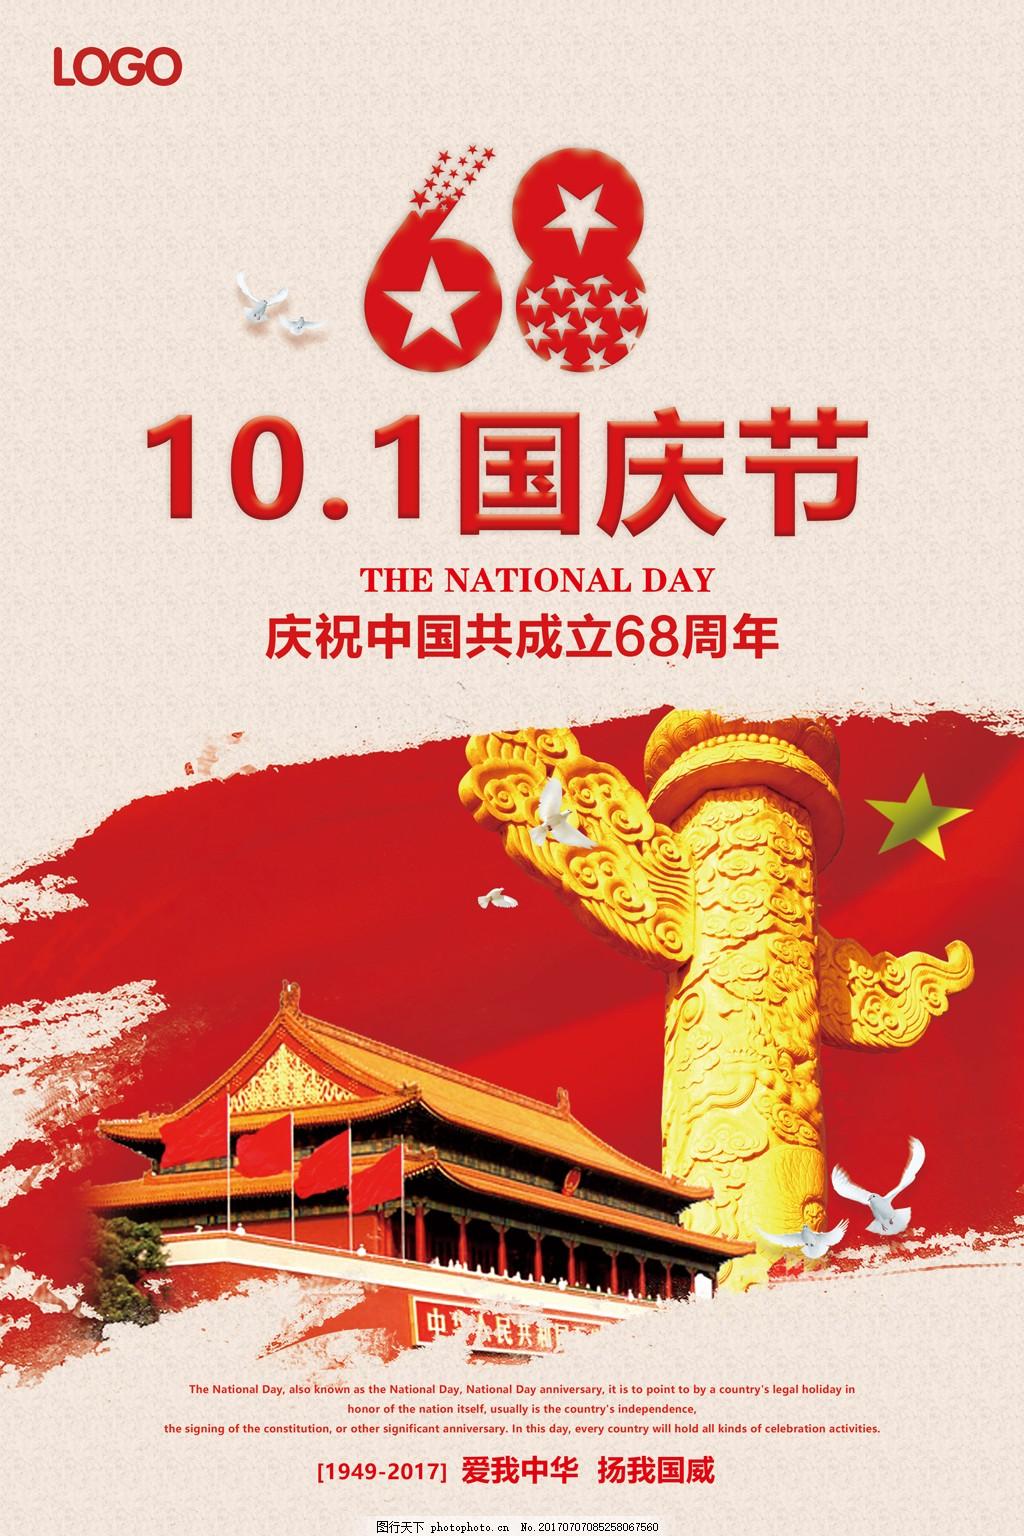 国庆节周年庆典海报 国庆节海报 共产党 华表 天安门